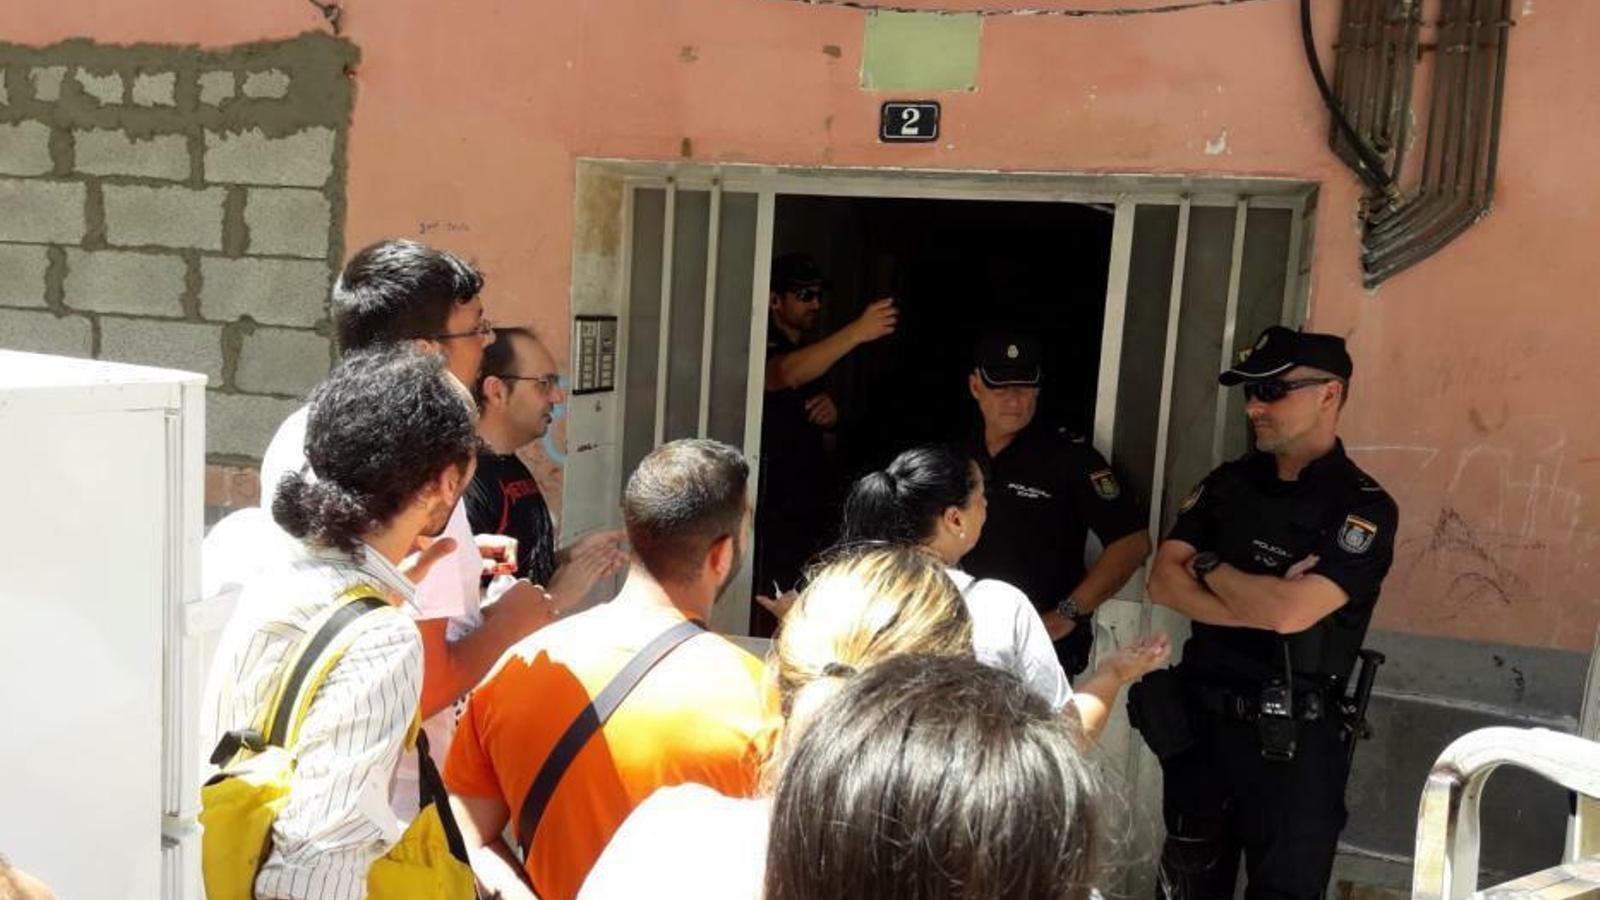 La pandèmia gairebé duplica els expedients de desnonament pel lloguer a Palma